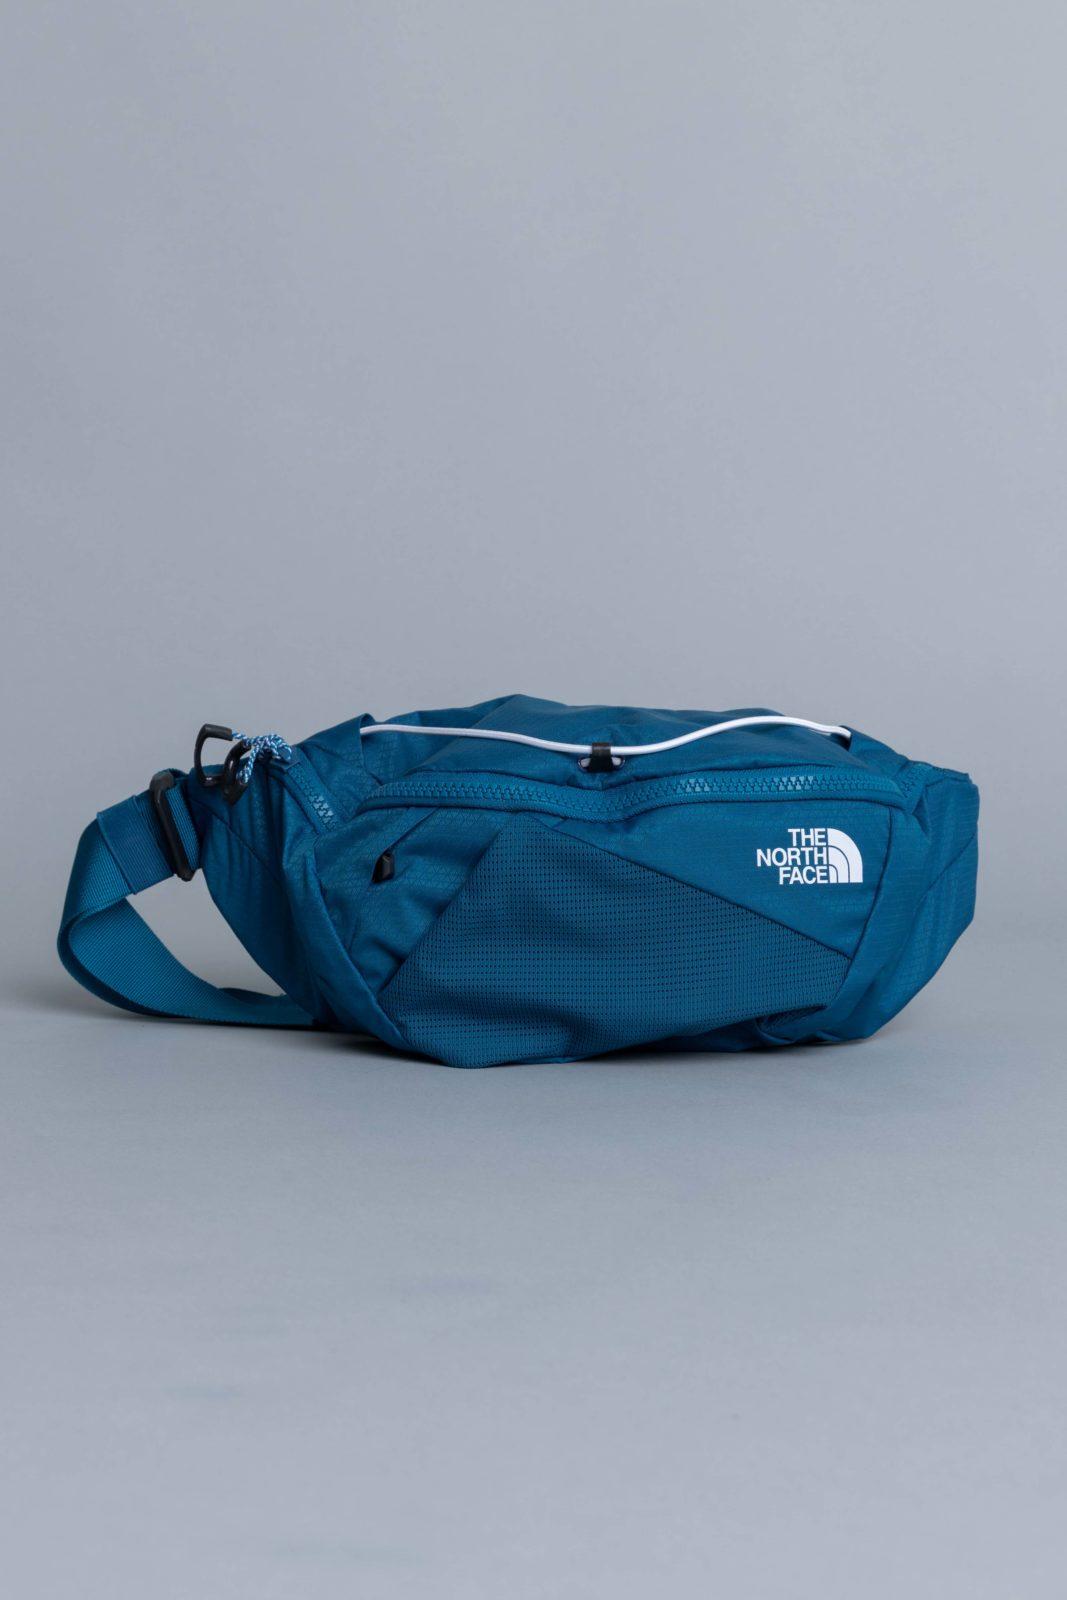 1138b7b90c The North Face Lumbnical Lumbar Waist Bag Crystal Teal • Centreville